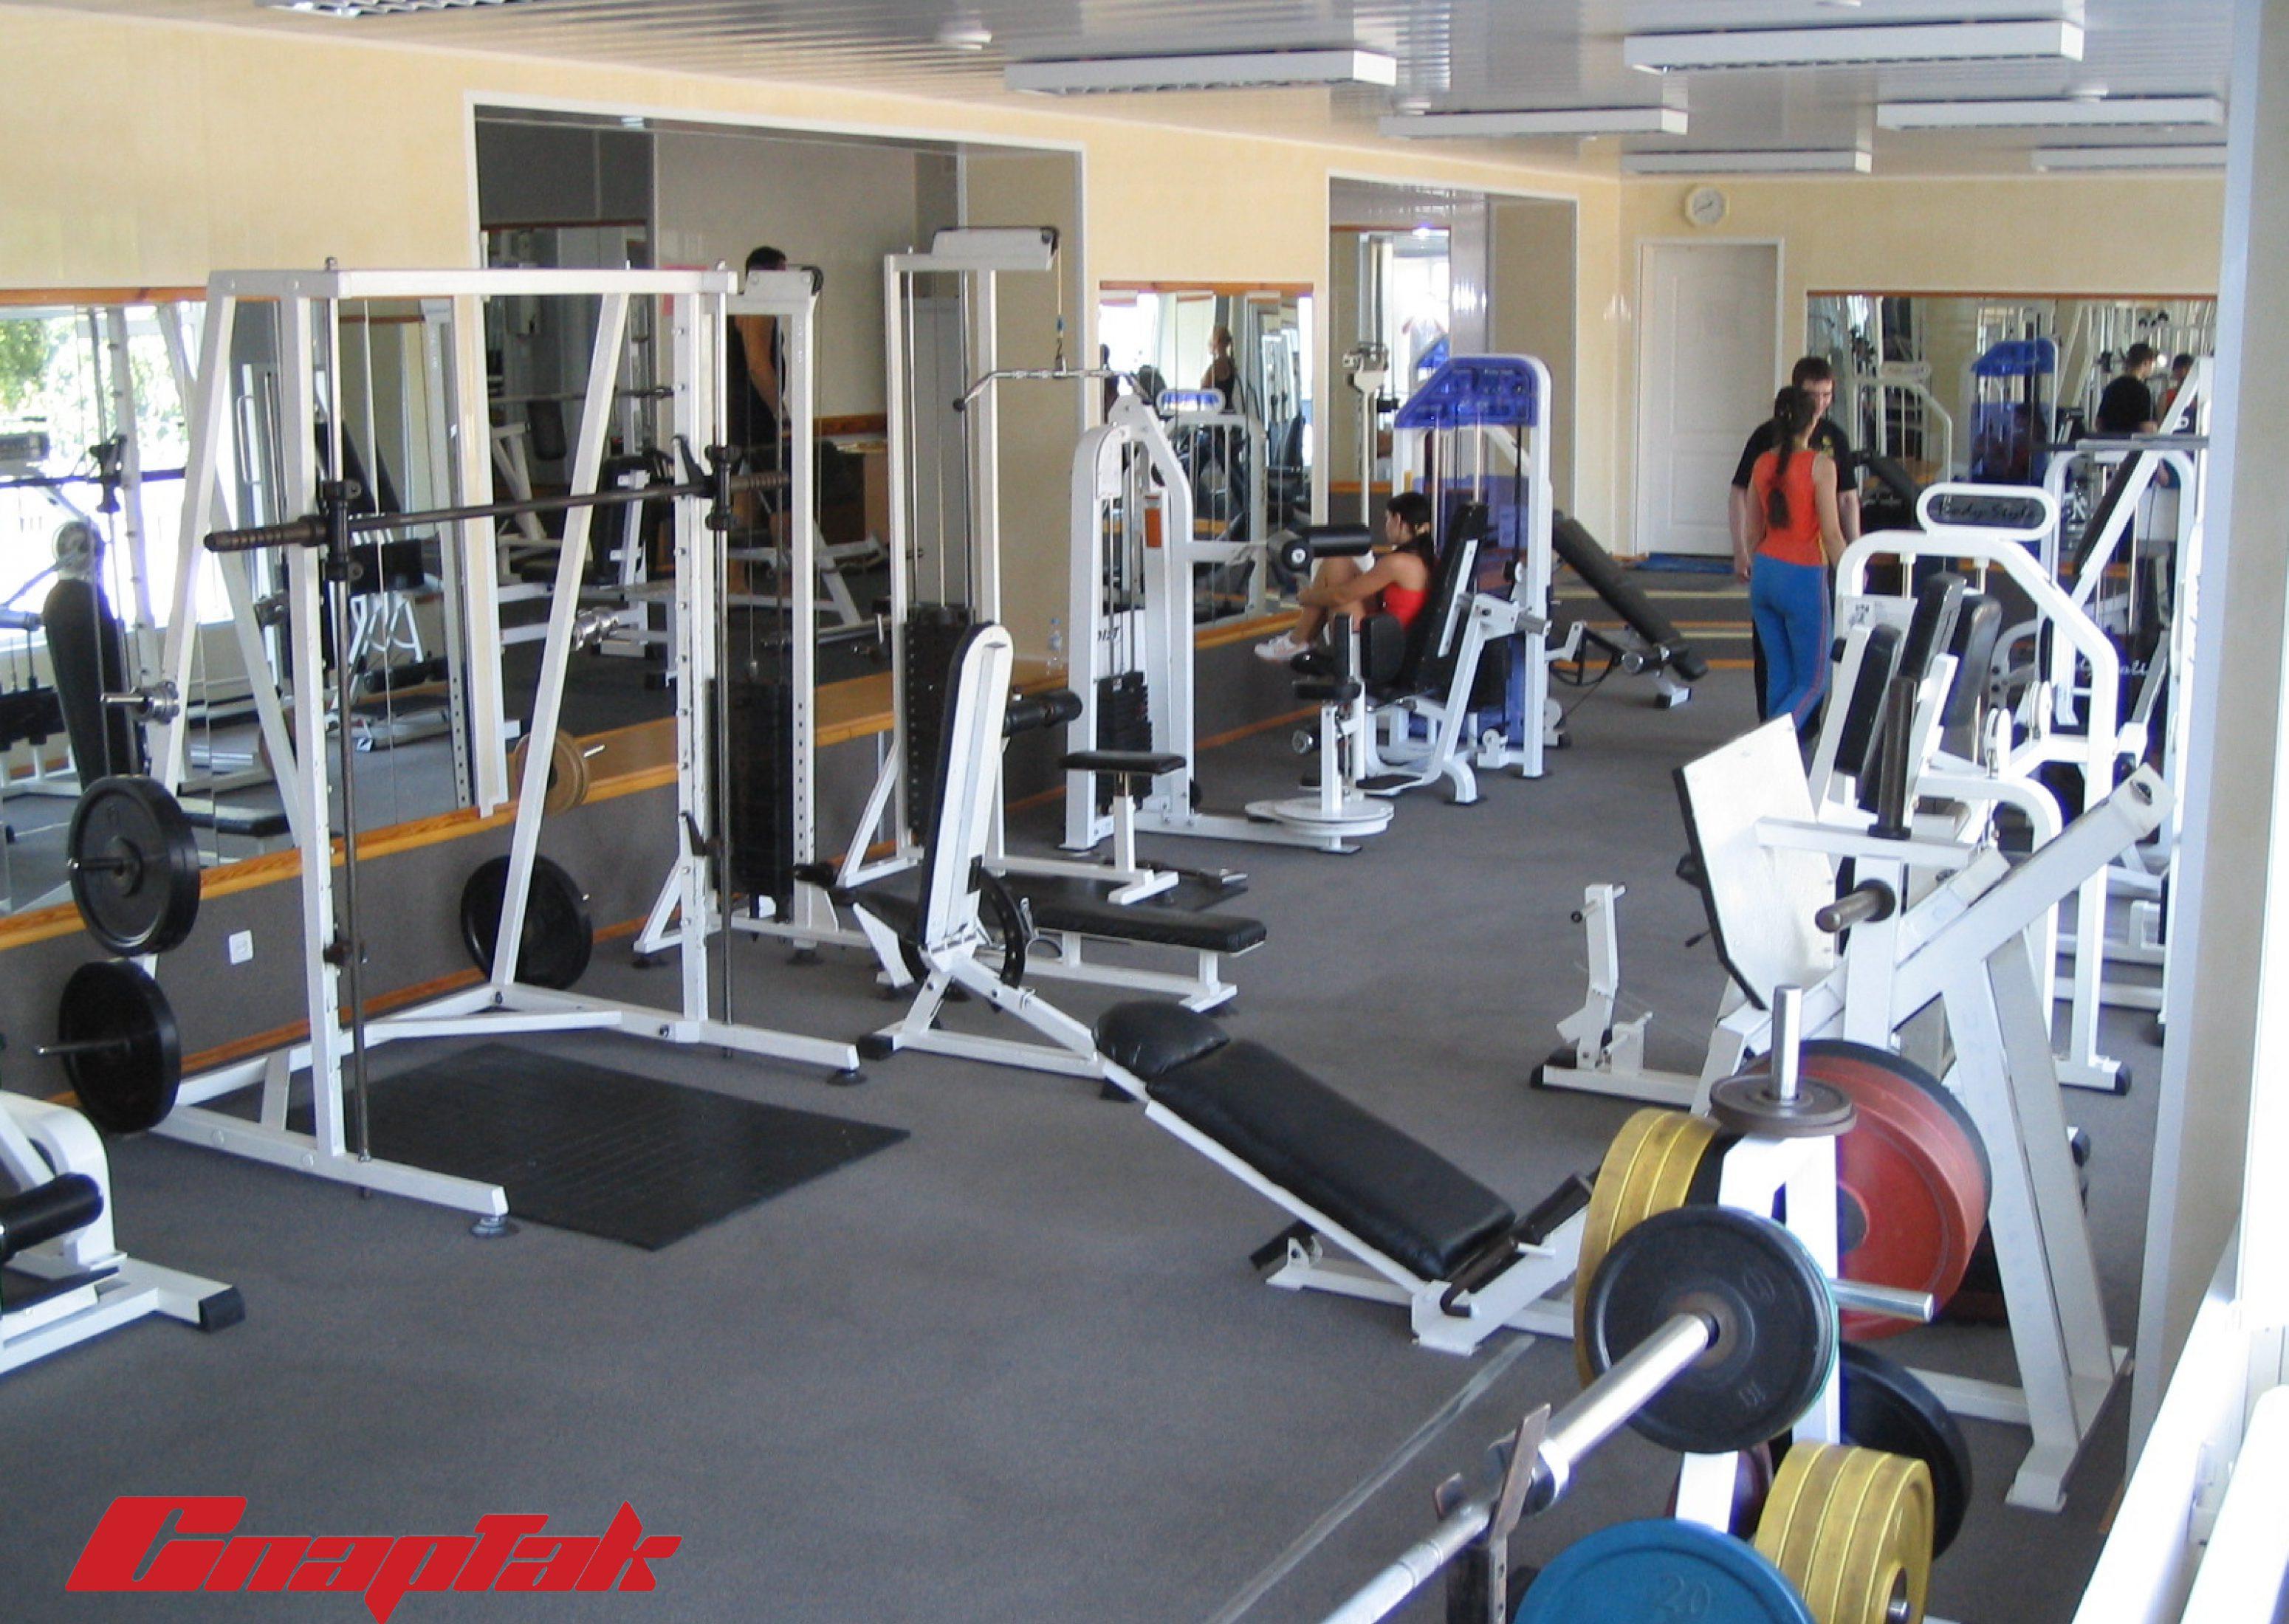 спартак тренажерный зал 4 3100x2200 Тренажерный зал Спартак